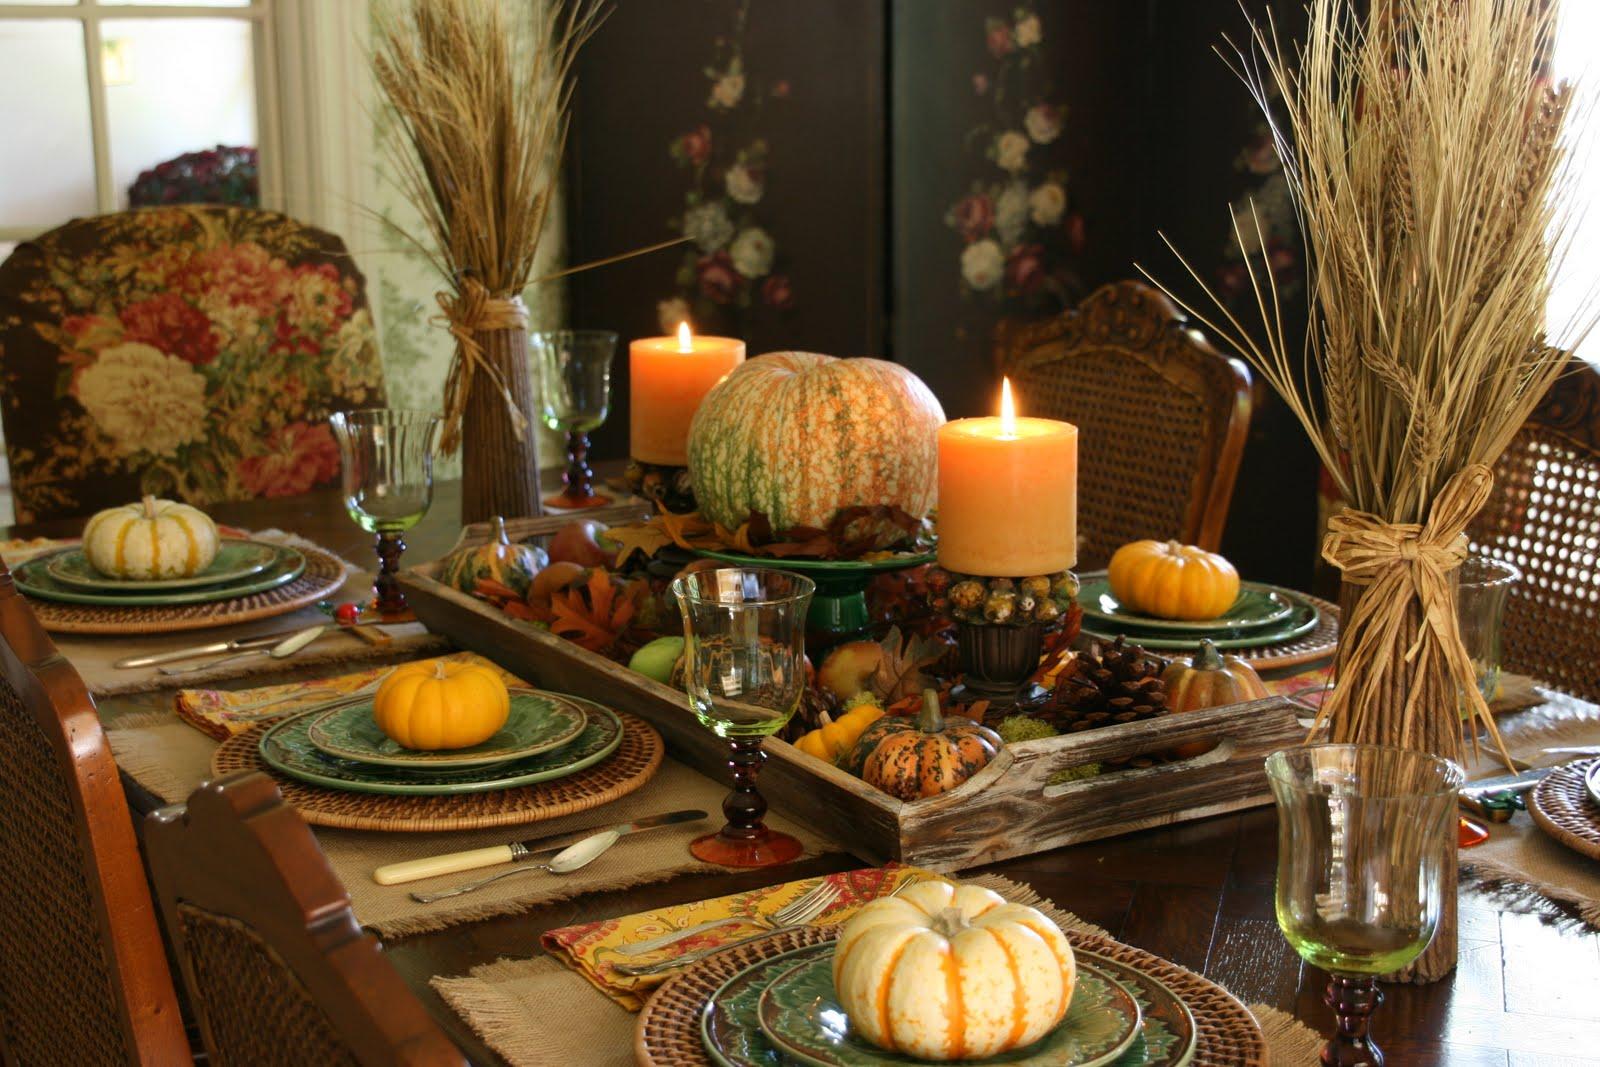 Vignette Design An Autumn Tablescape